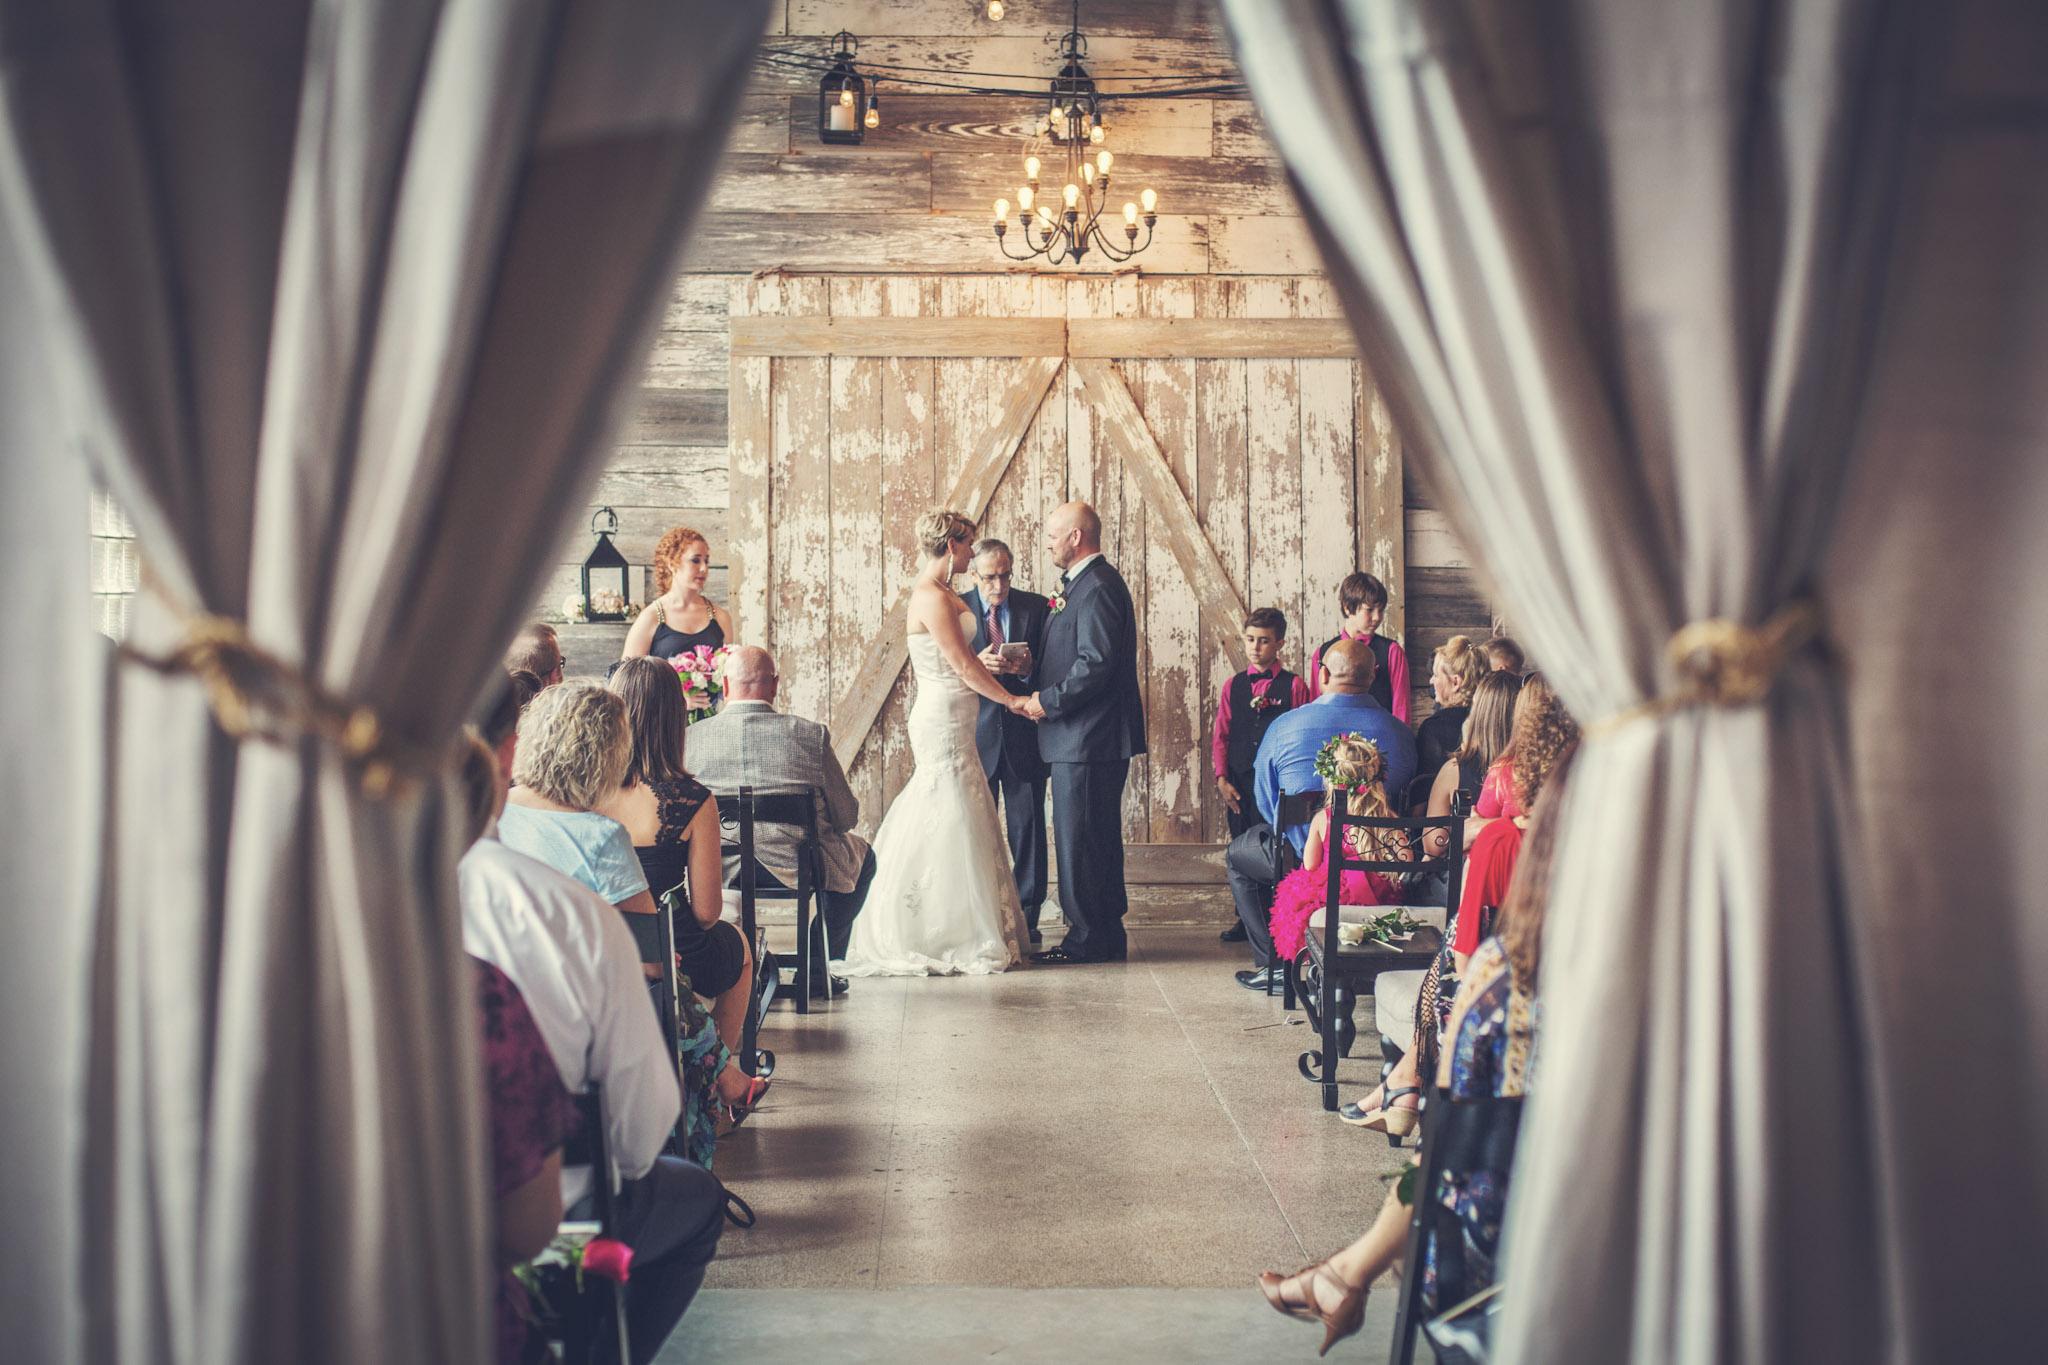 Kansas+City-Small+Wedding-Elope_Intimate_Ceremony_Melanie+David-4.jpg